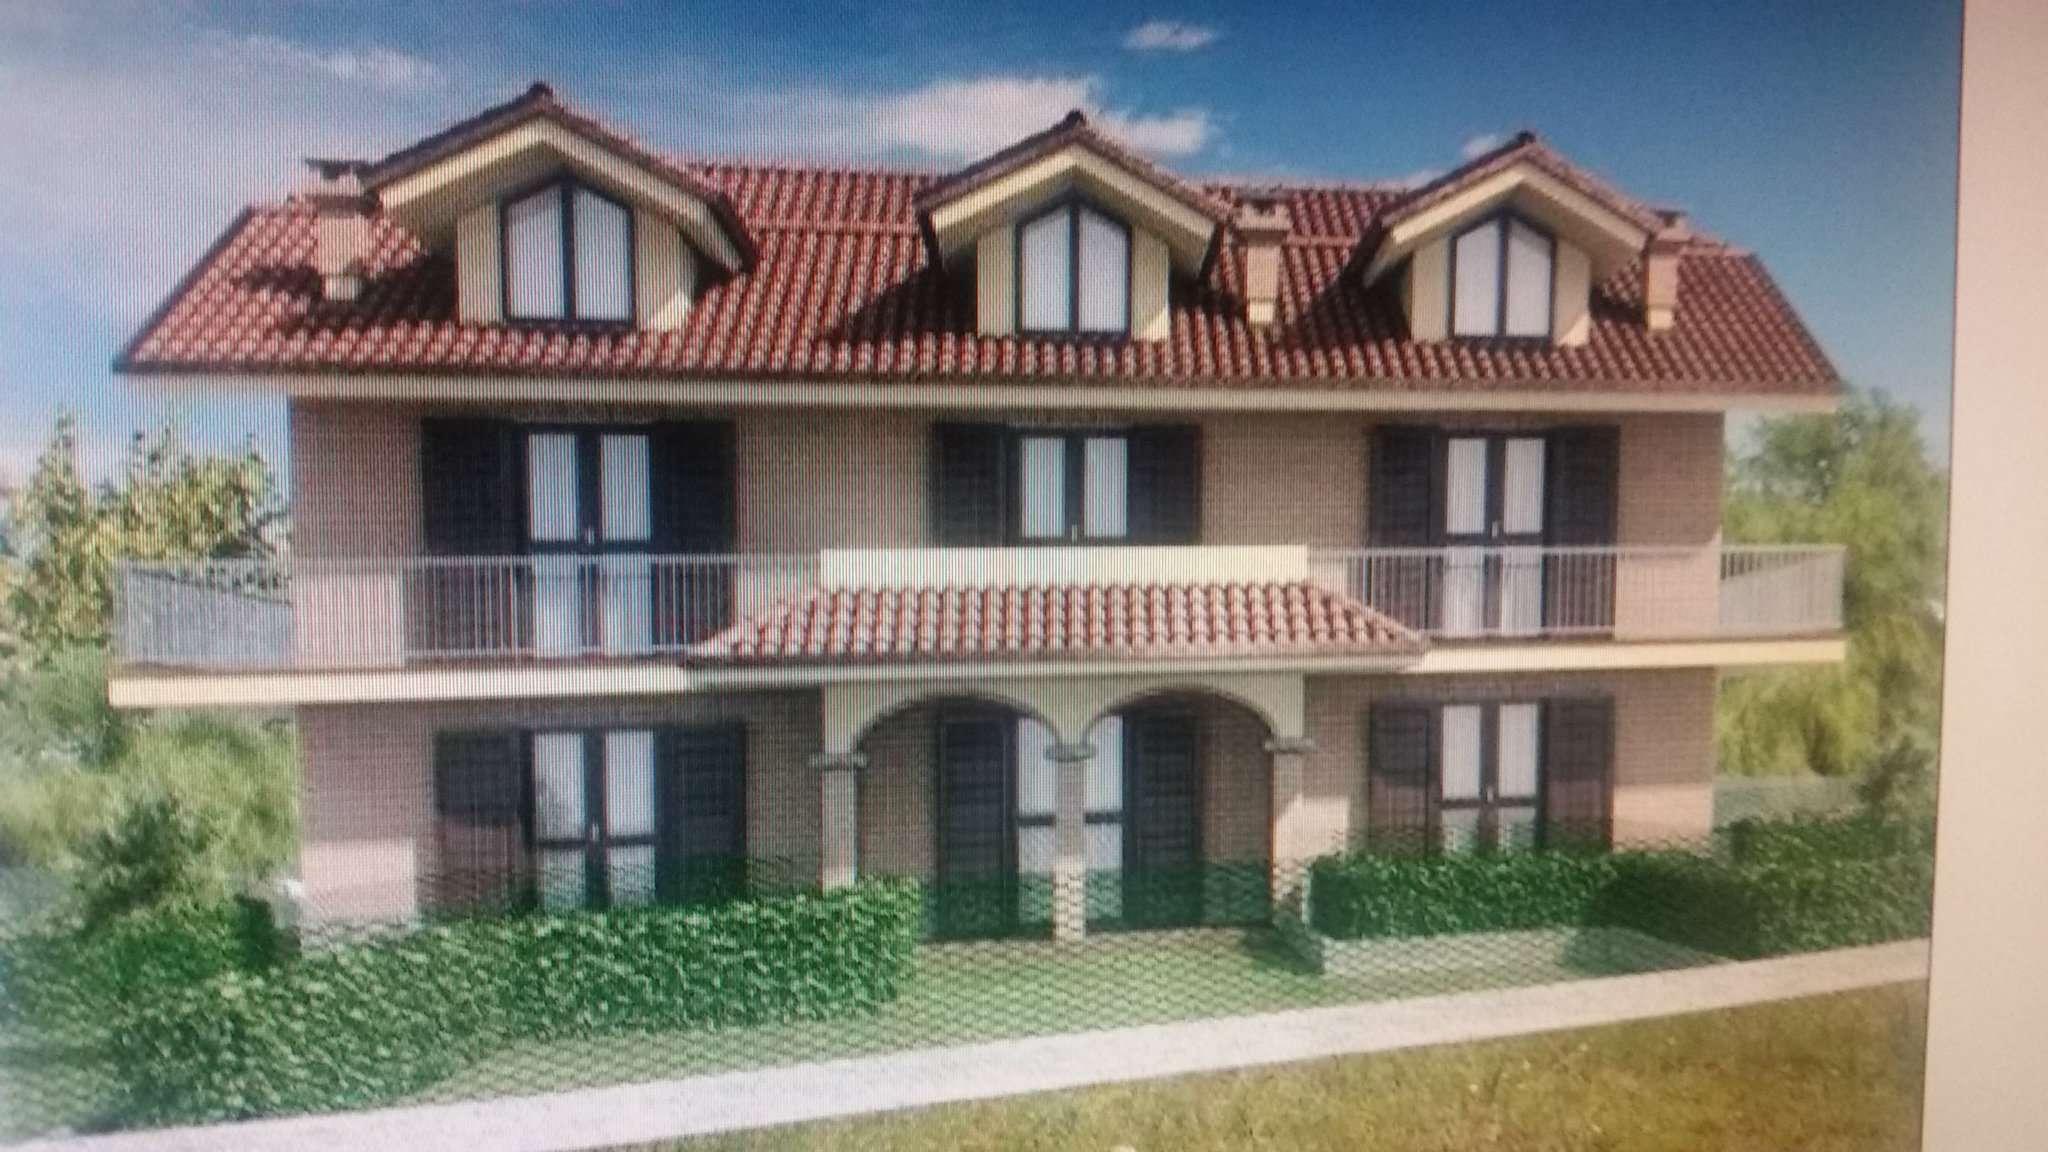 Annunci immobiliari di vendita a caselette for Annunci immobiliari